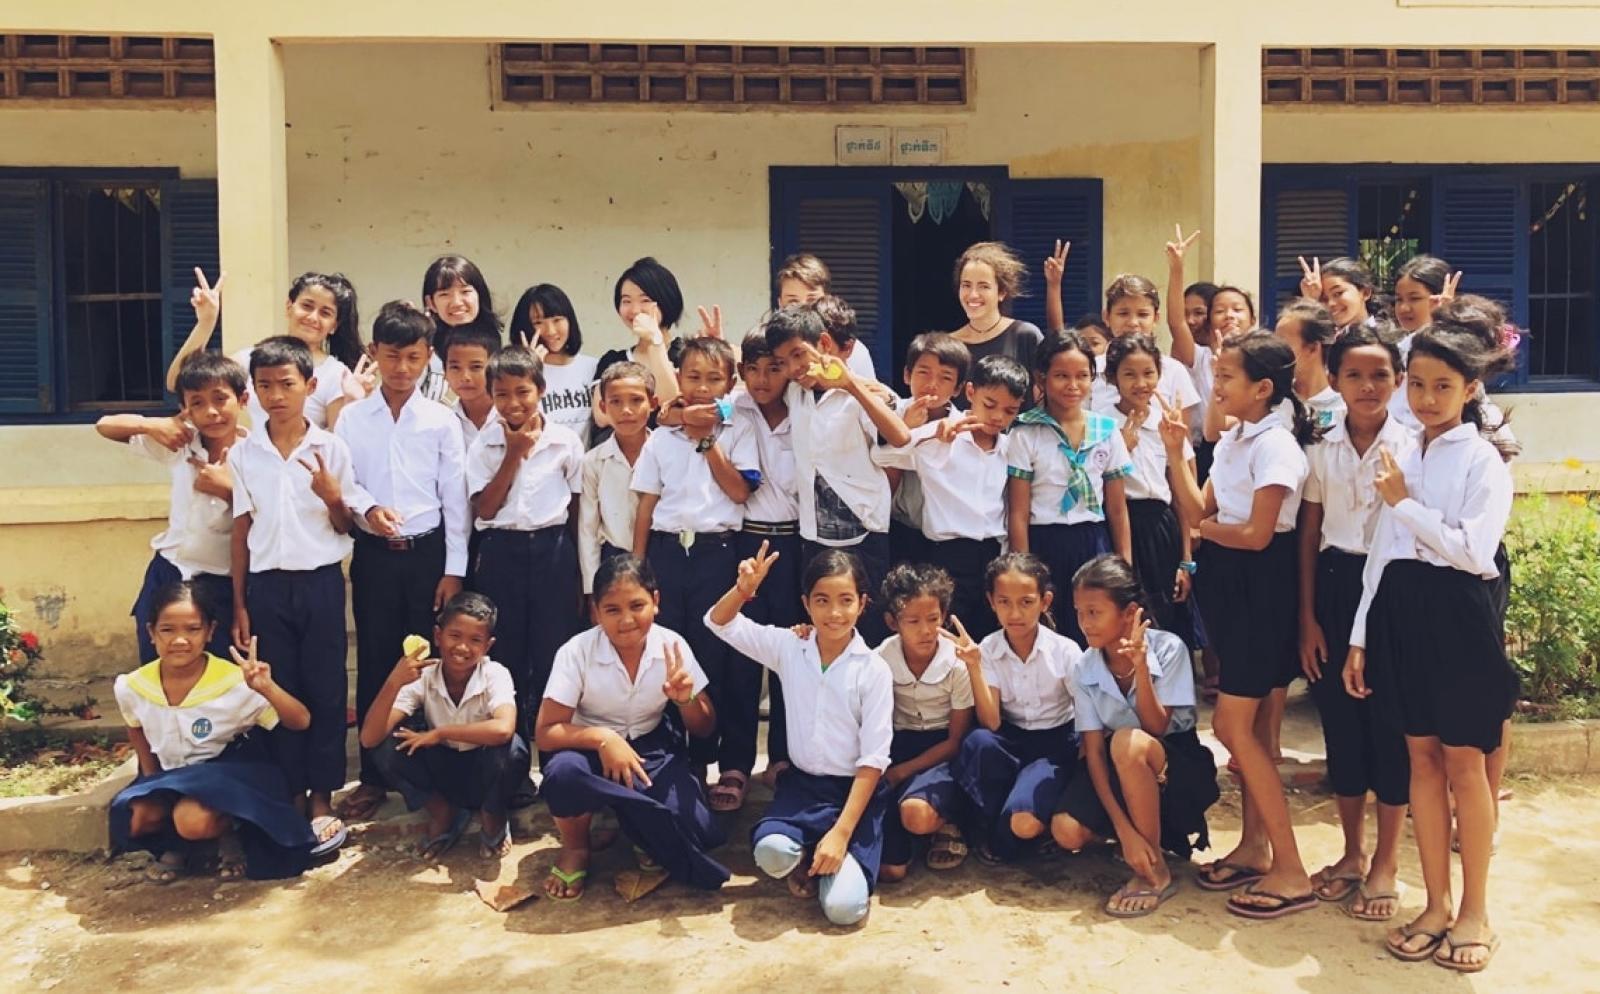 高校生ボランティア大島彩也夏さんとカンボジアの子供たち